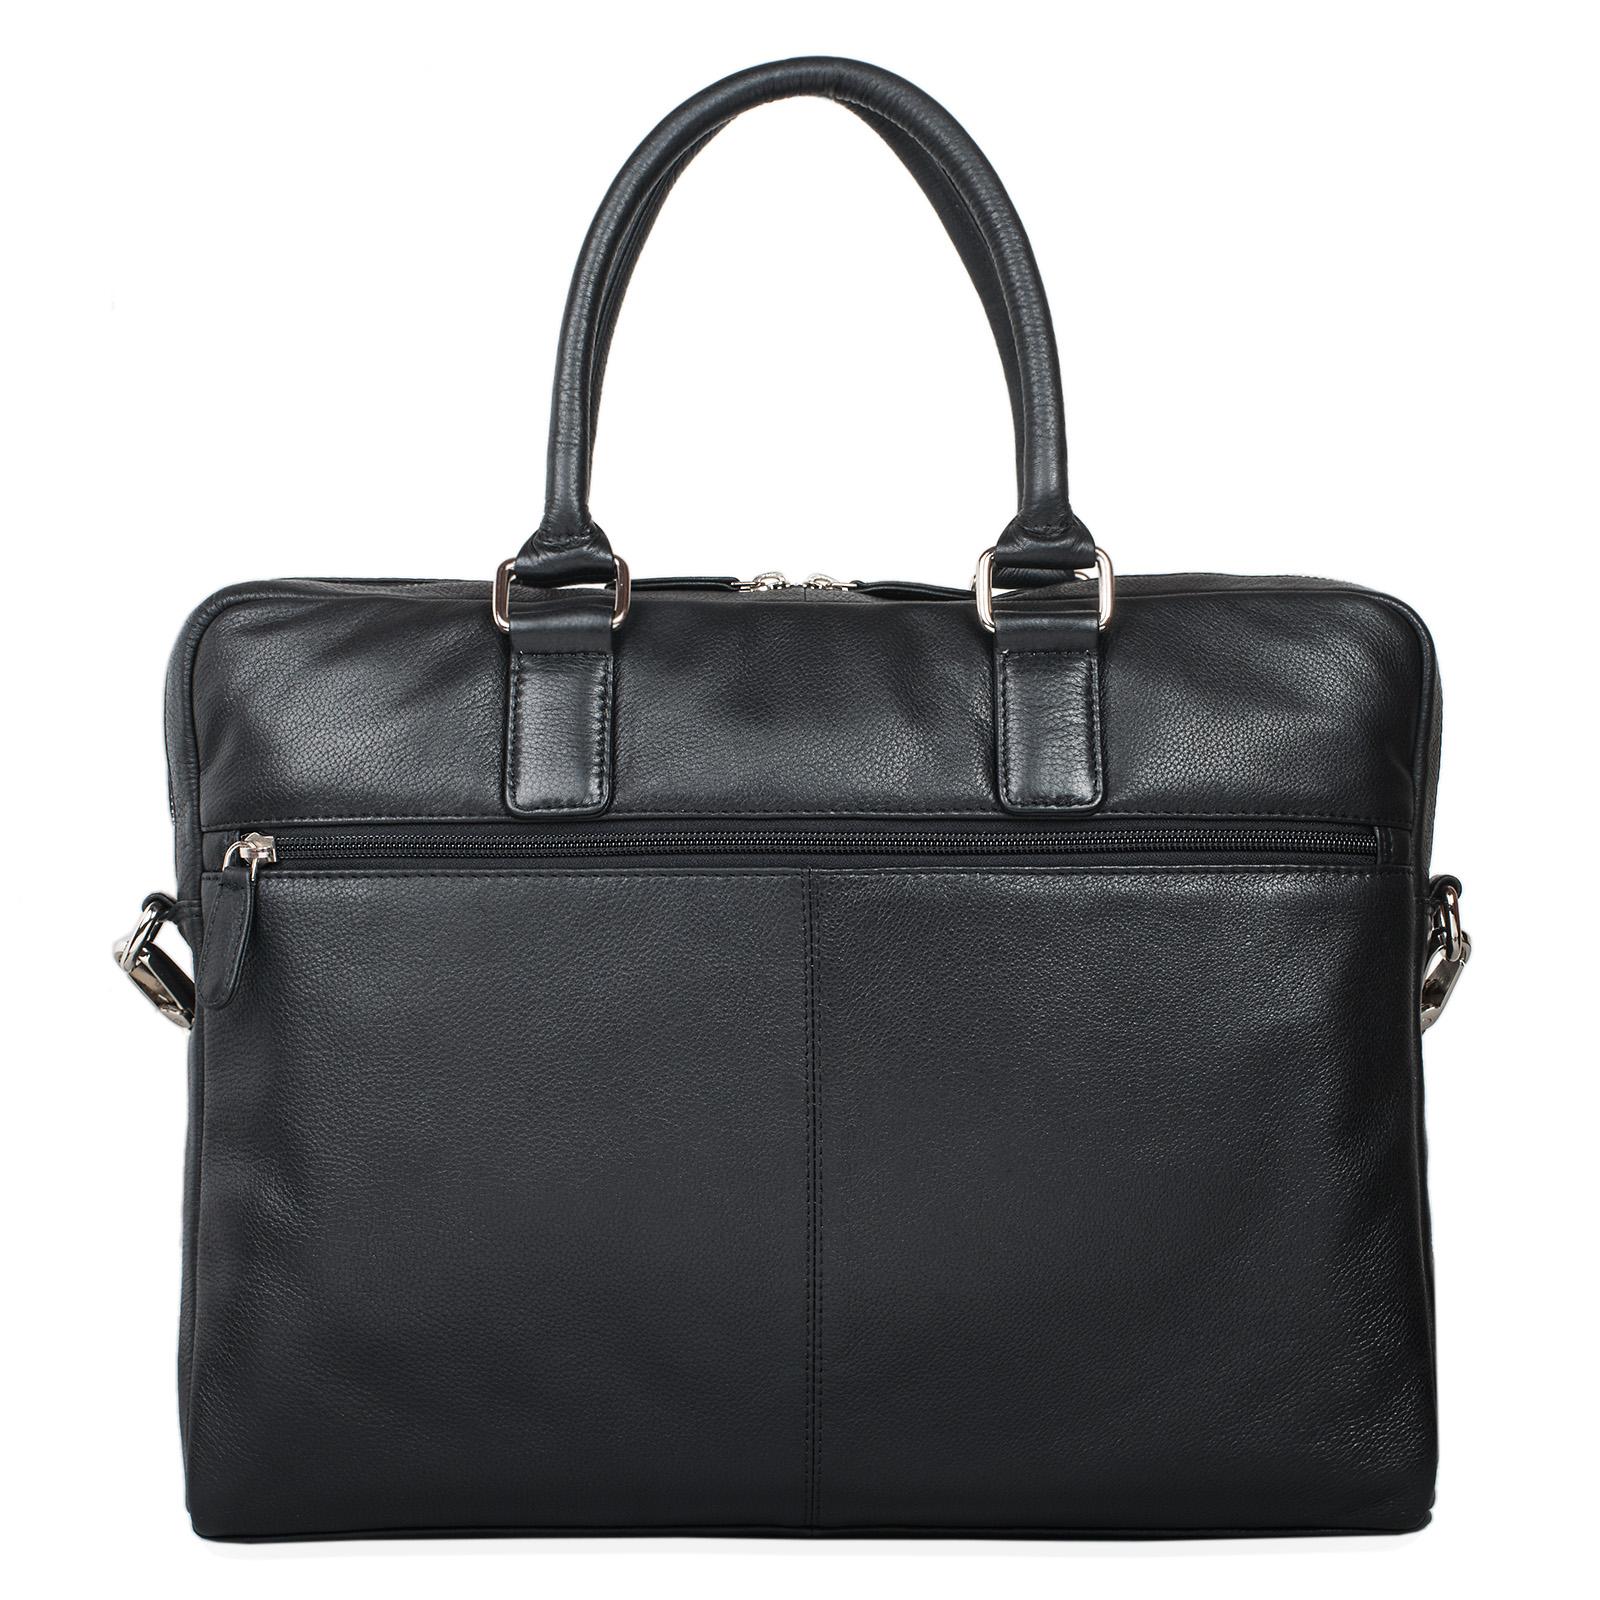 """STILORD """"Emilio"""" Umhängetasche Leder Vintage groß Schultertasche elegante Handtasche für Büro Business Arbeit Laptop 13.3 Zoll Aktentasche DIN A4 - Bild 13"""